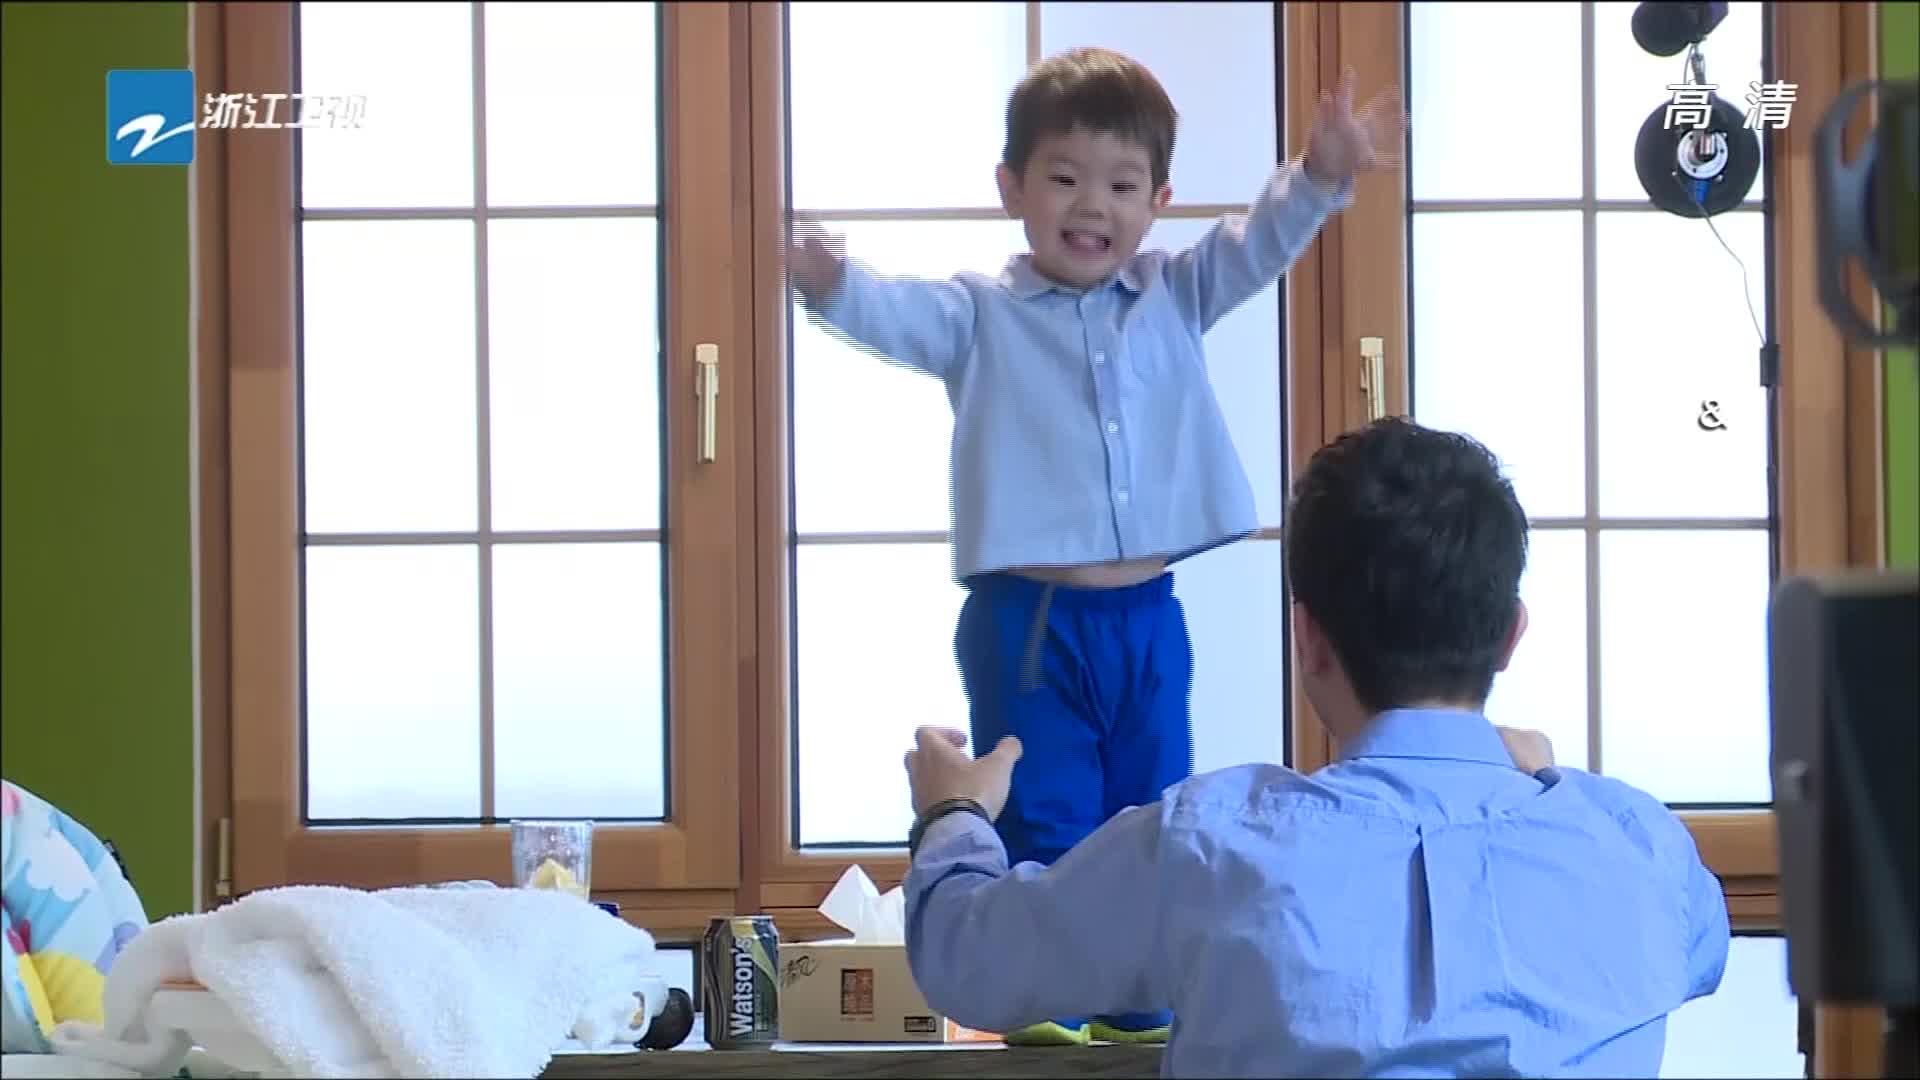 爸爸回来了:嗯哼爬桌子险些出意外,奶爸杜江直接起身,被吓一跳